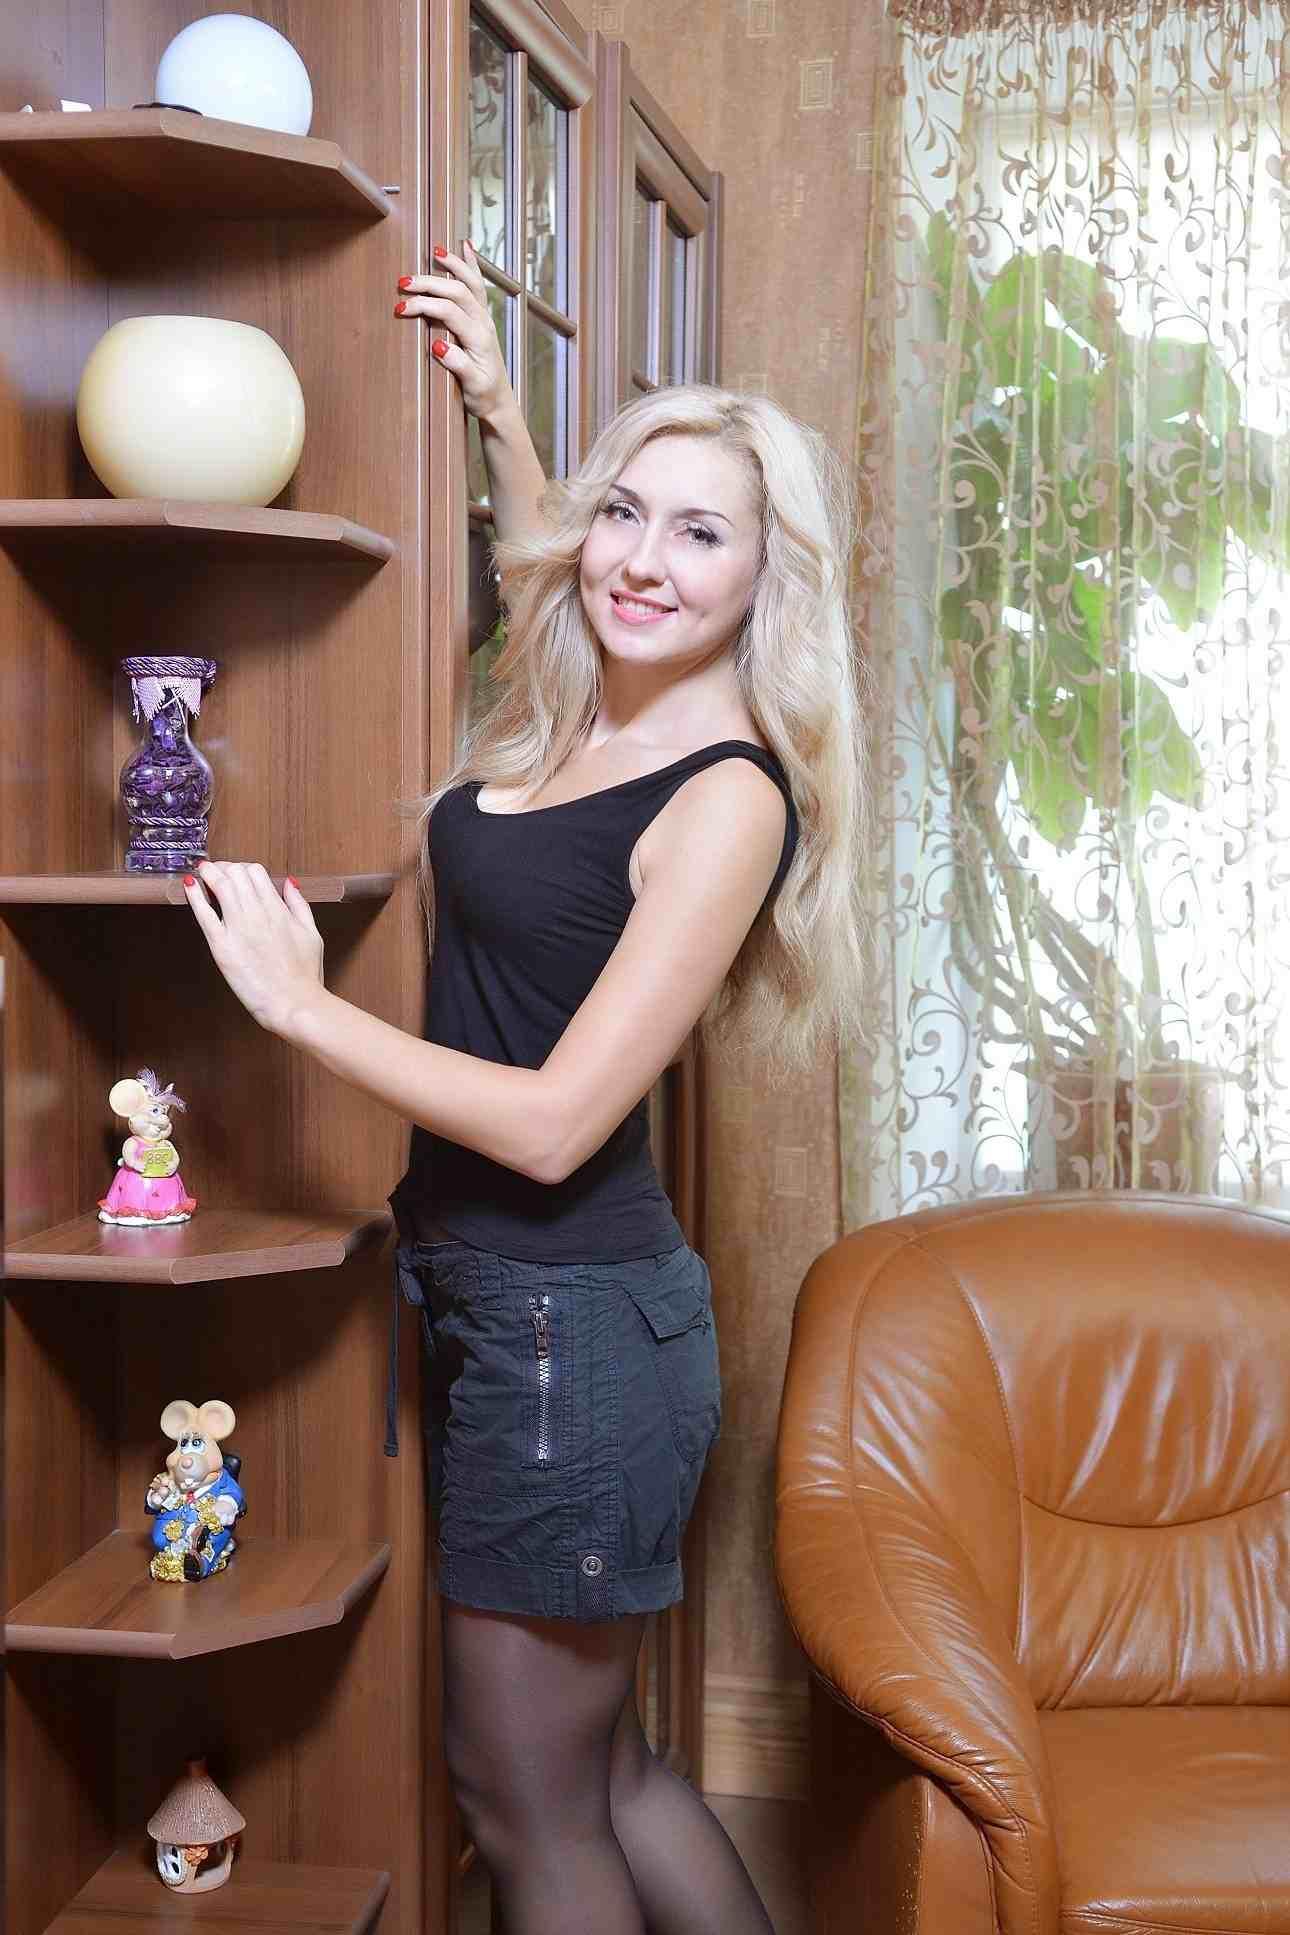 Porn Star Danielle